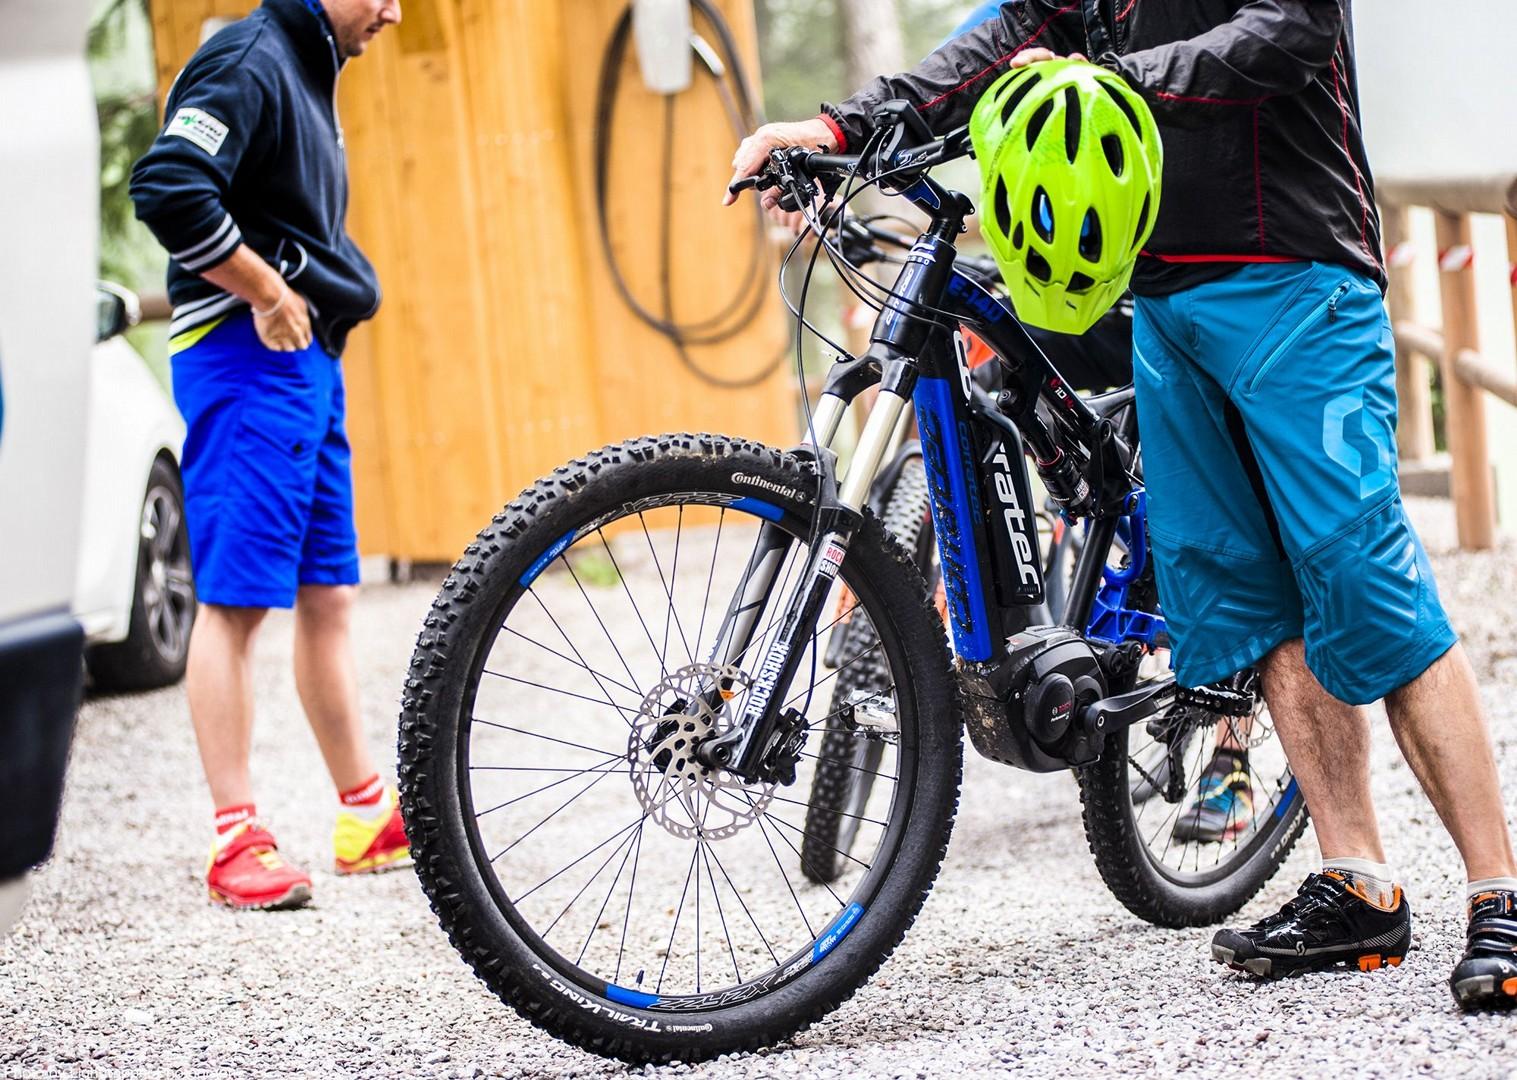 saddle_skedaddle_italy_2017_day6_brenta_dolomites_03-2.jpg - Italy - Dolomites of Brenta - Electric Mountain Bike Holiday - Mountain Biking